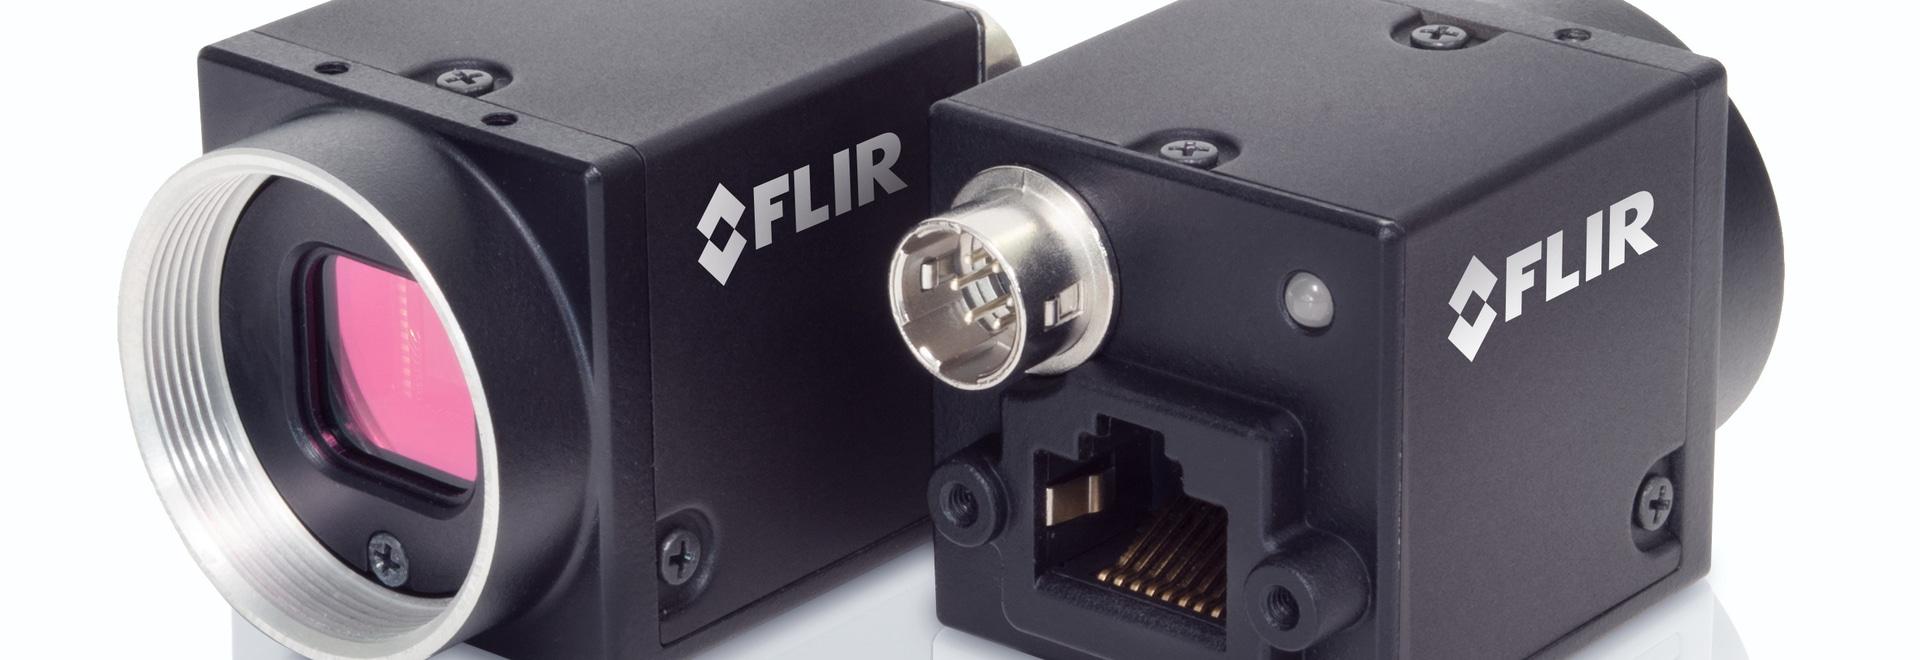 FLIR releases FLIR Blackfly S GigE Machine Vision Camera